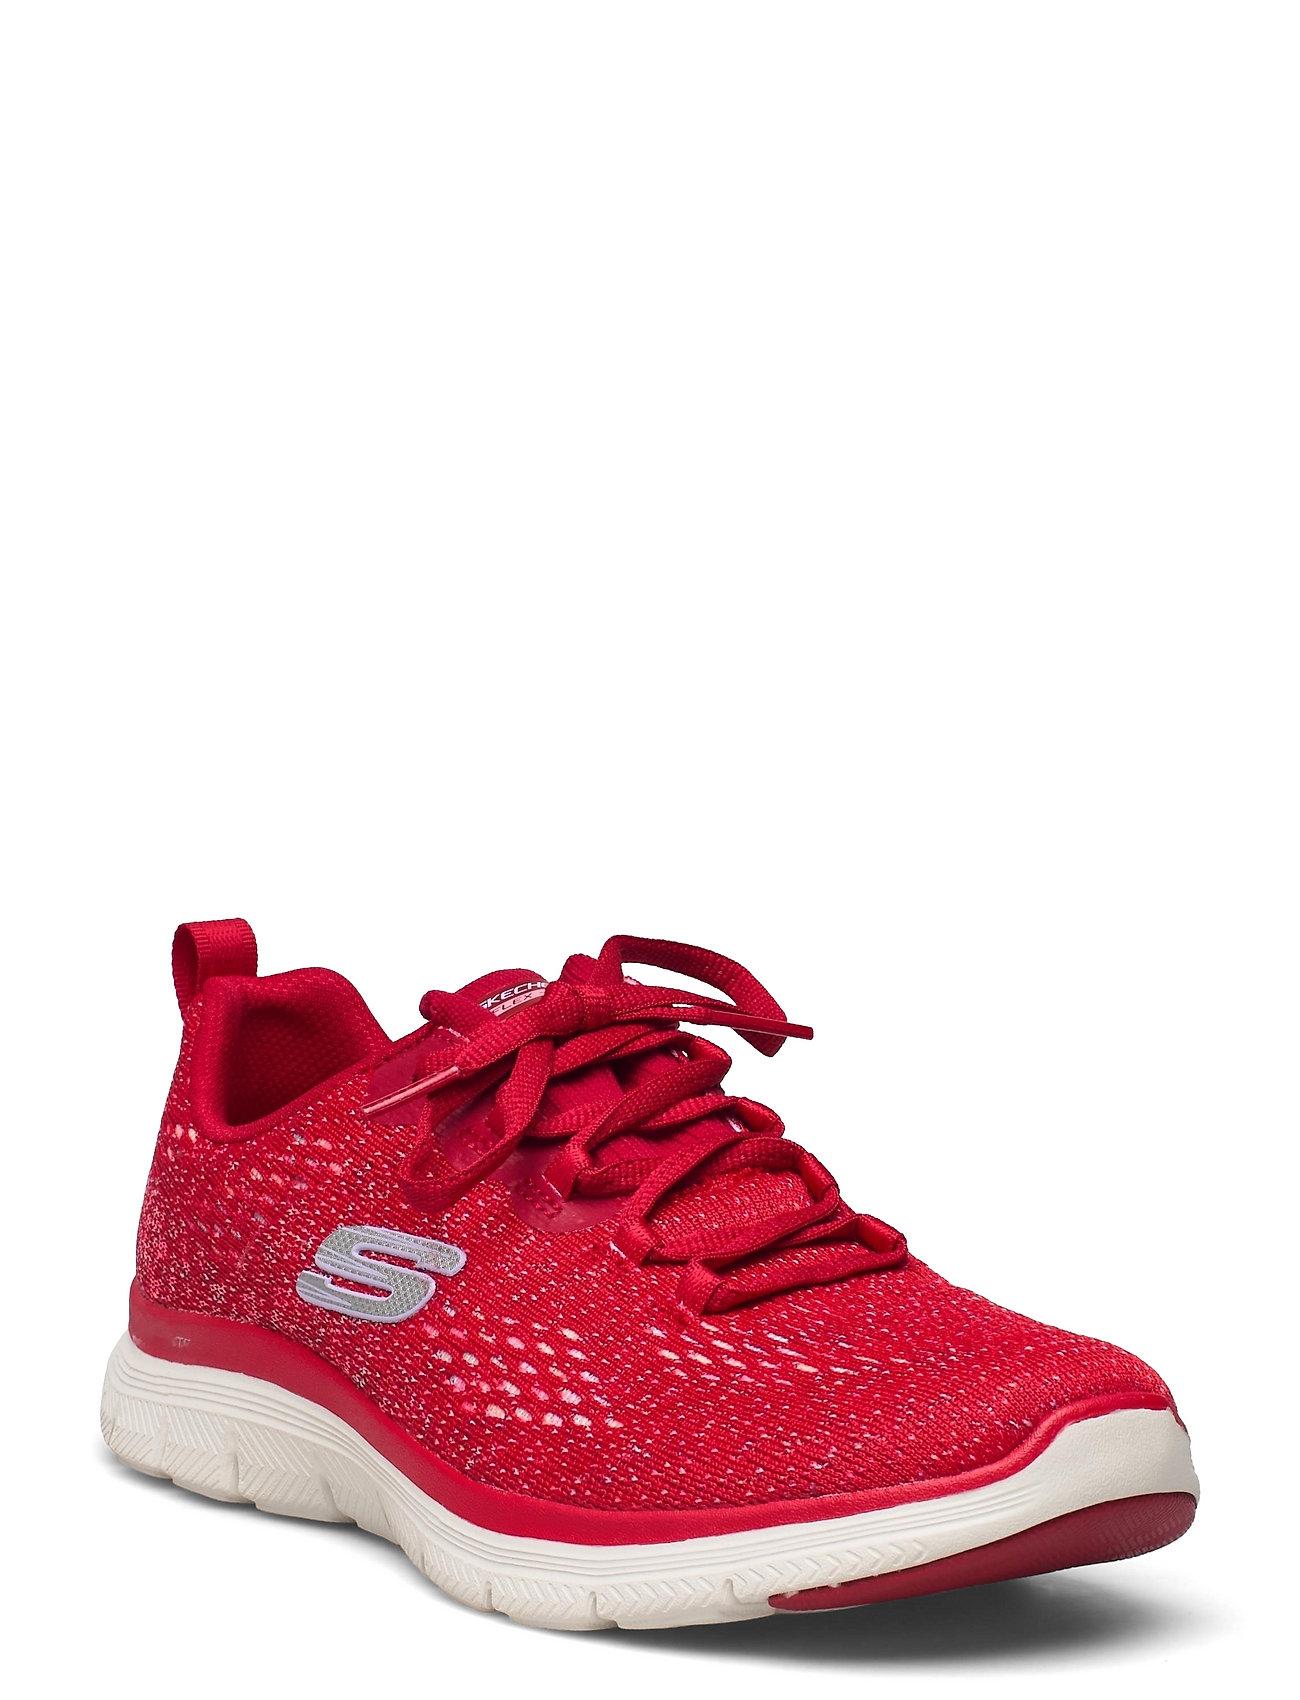 Womens Flex Appeal 4.0 - Vivid Spirit Low-top Sneakers Rød Skechers